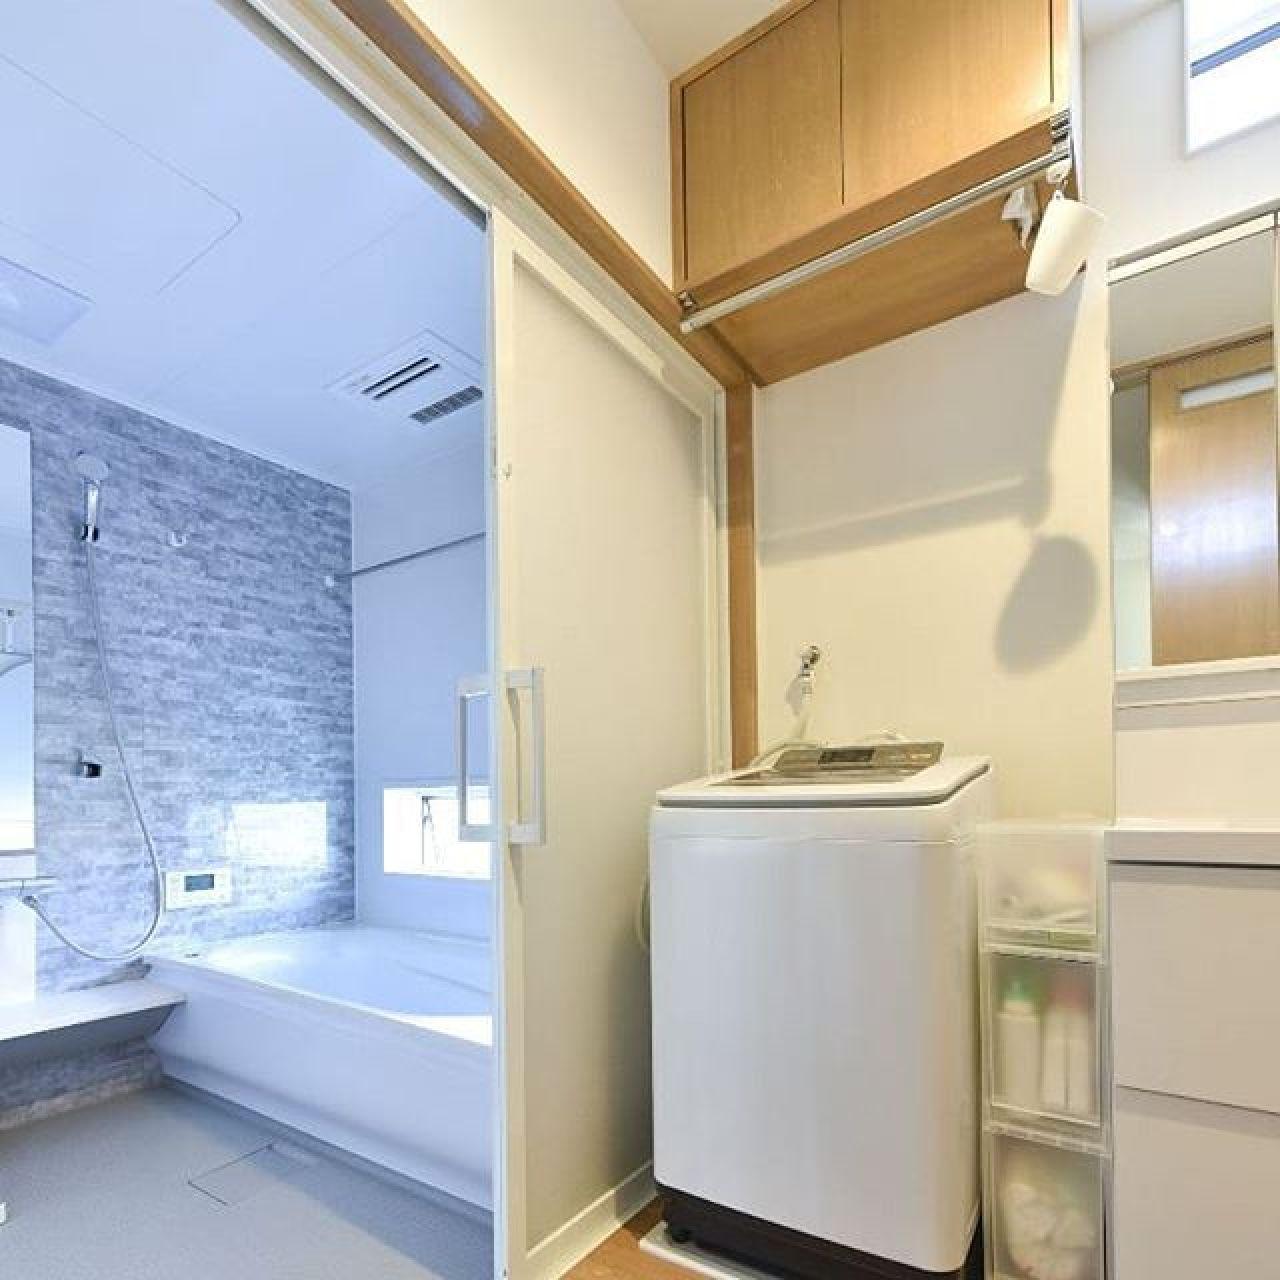 洗濯機の上にハンガーパイプ。吊り戸棚の右下にはティッシュのようなタオル出しで一工夫。とっても便利だそう。珪藻土の塗り壁と三菱ムーブアイで室内干しも完璧。#造作#造り付け#珪藻土#室内干し#洗面脱衣室#窓#採光#サーモス #自然素材#調湿作用 #調湿効果 #注文住宅